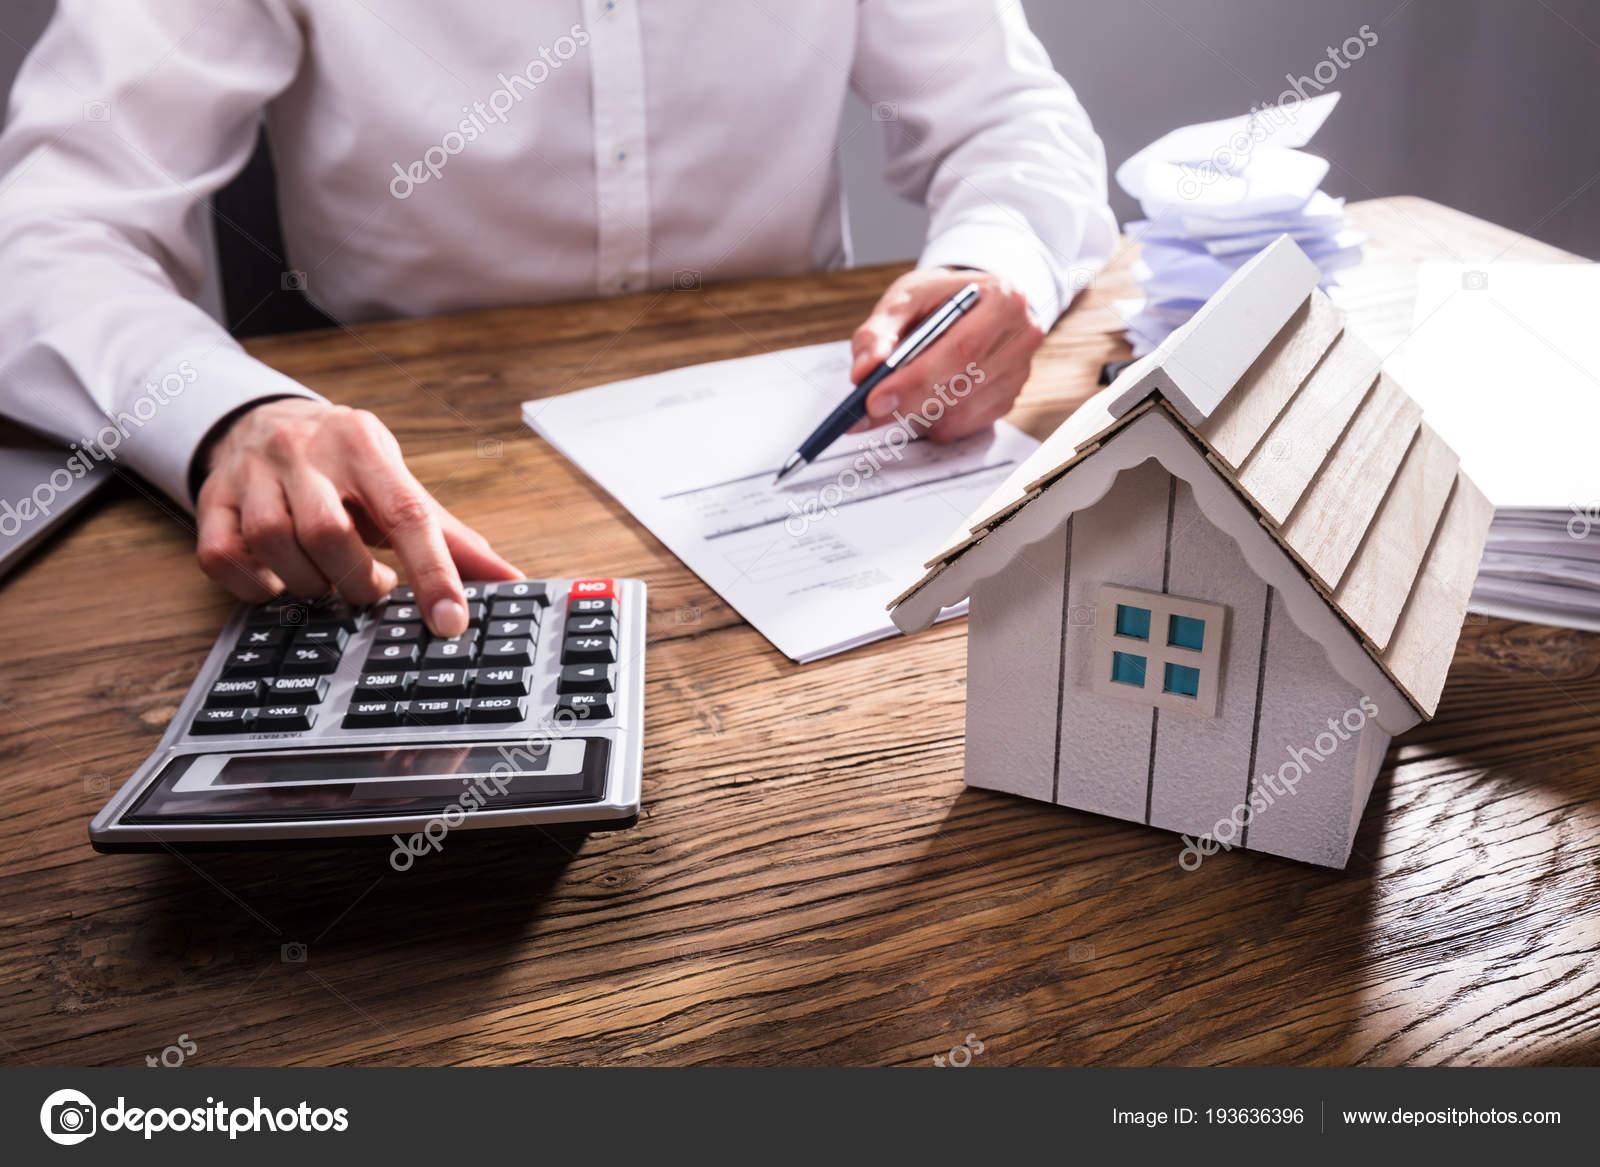 Holzhaus Modell Vor Unternehmer Berechnung Rechnung Stockfoto